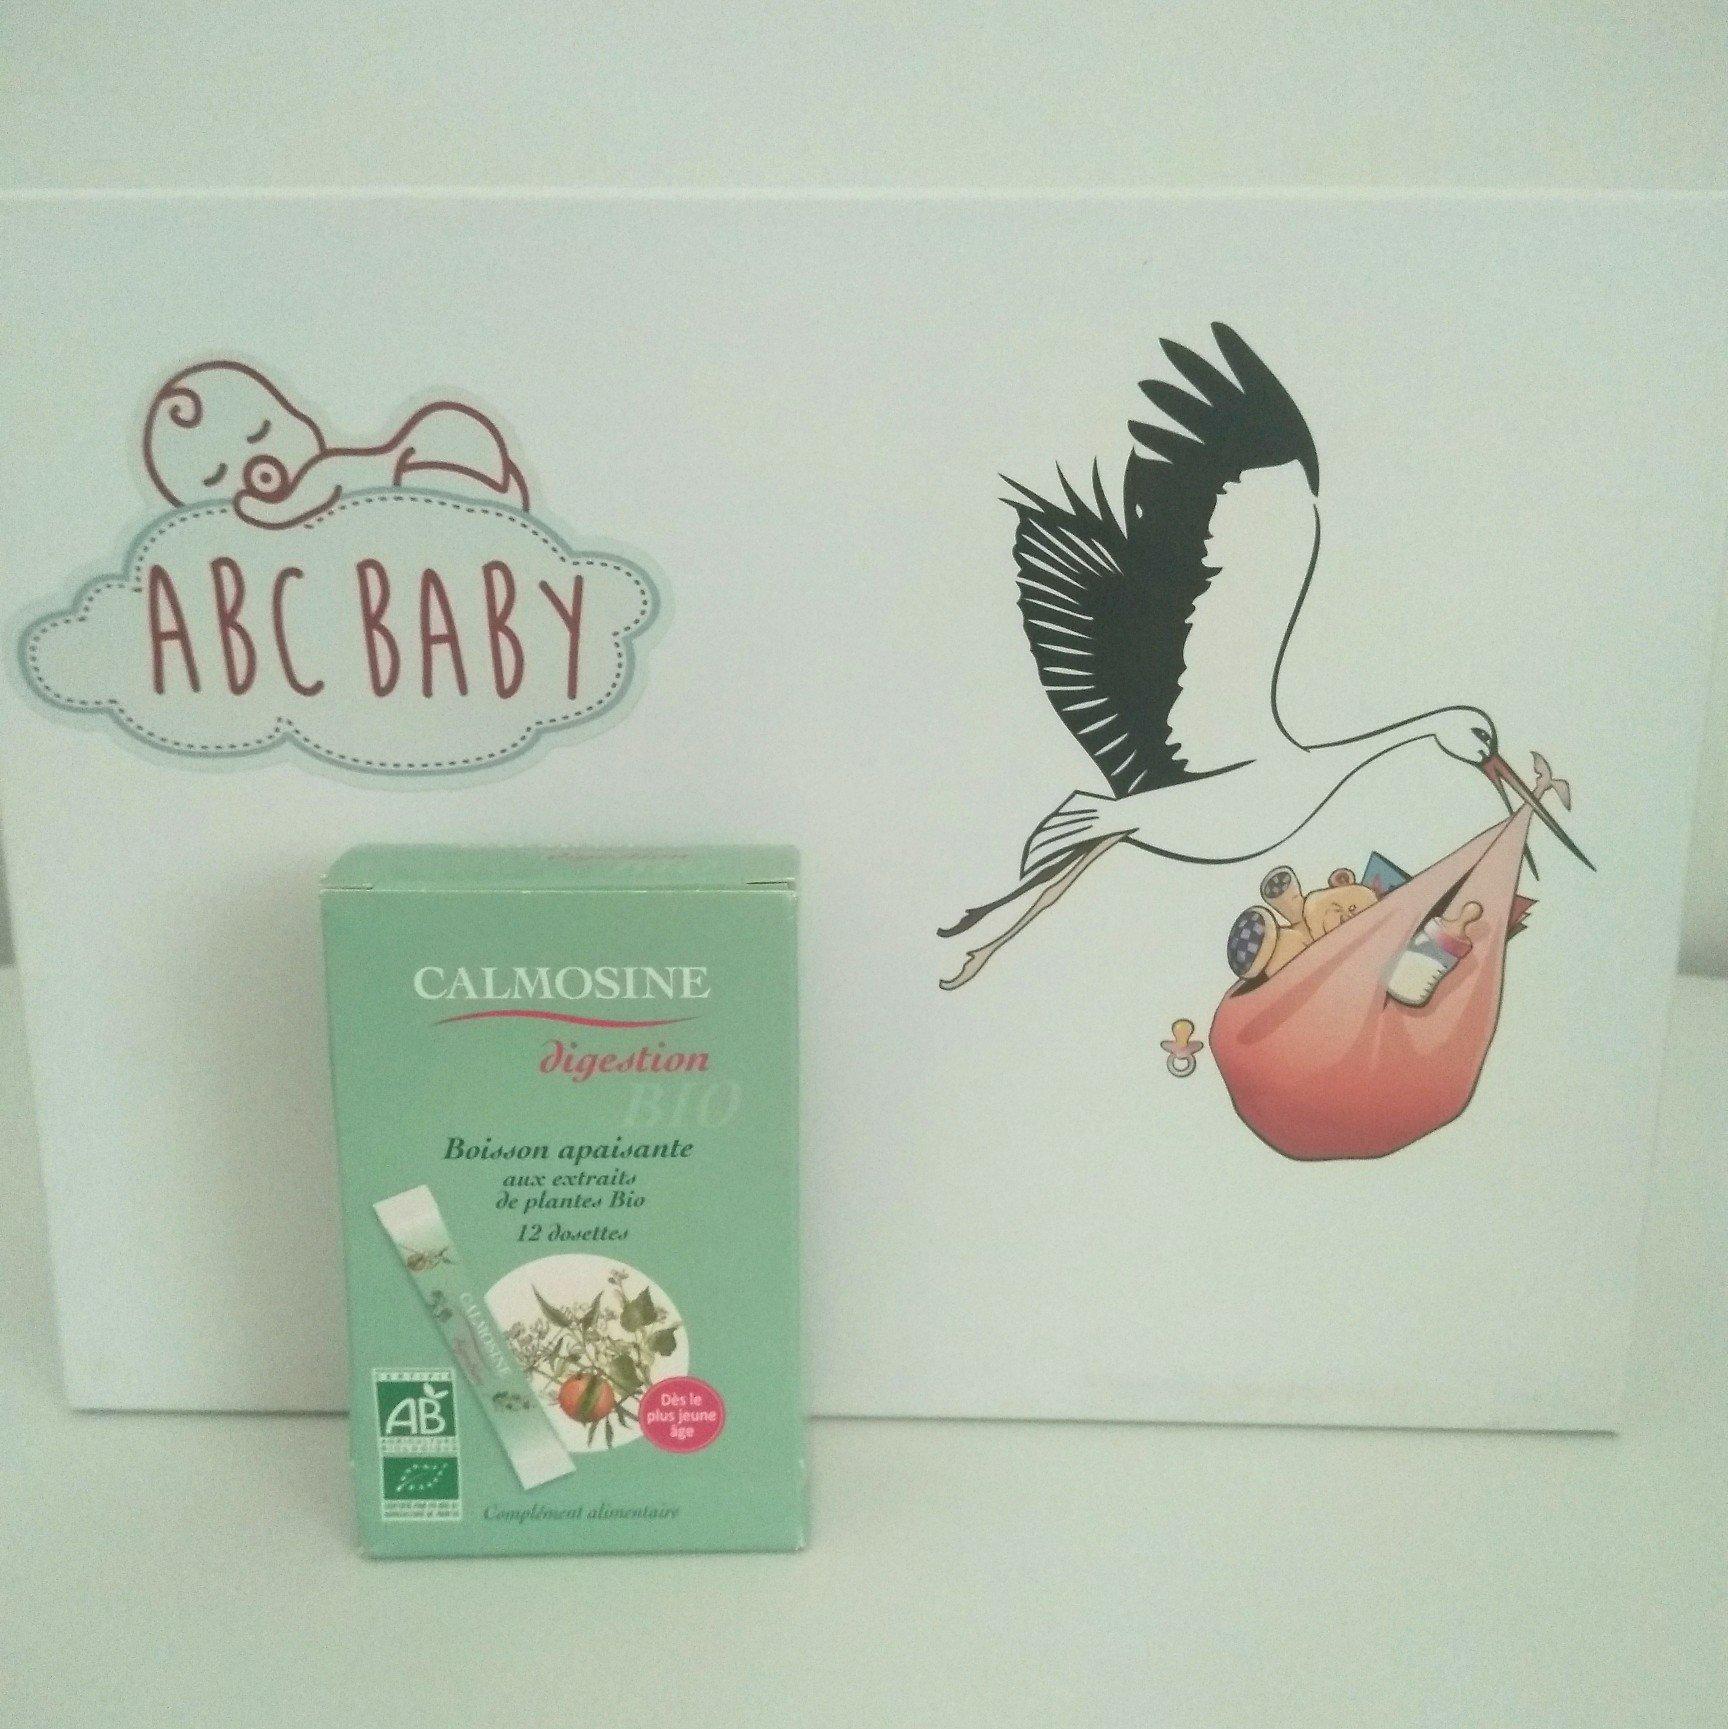 boîte de Calmosine digestion BIO devant une ABC BABY BOX